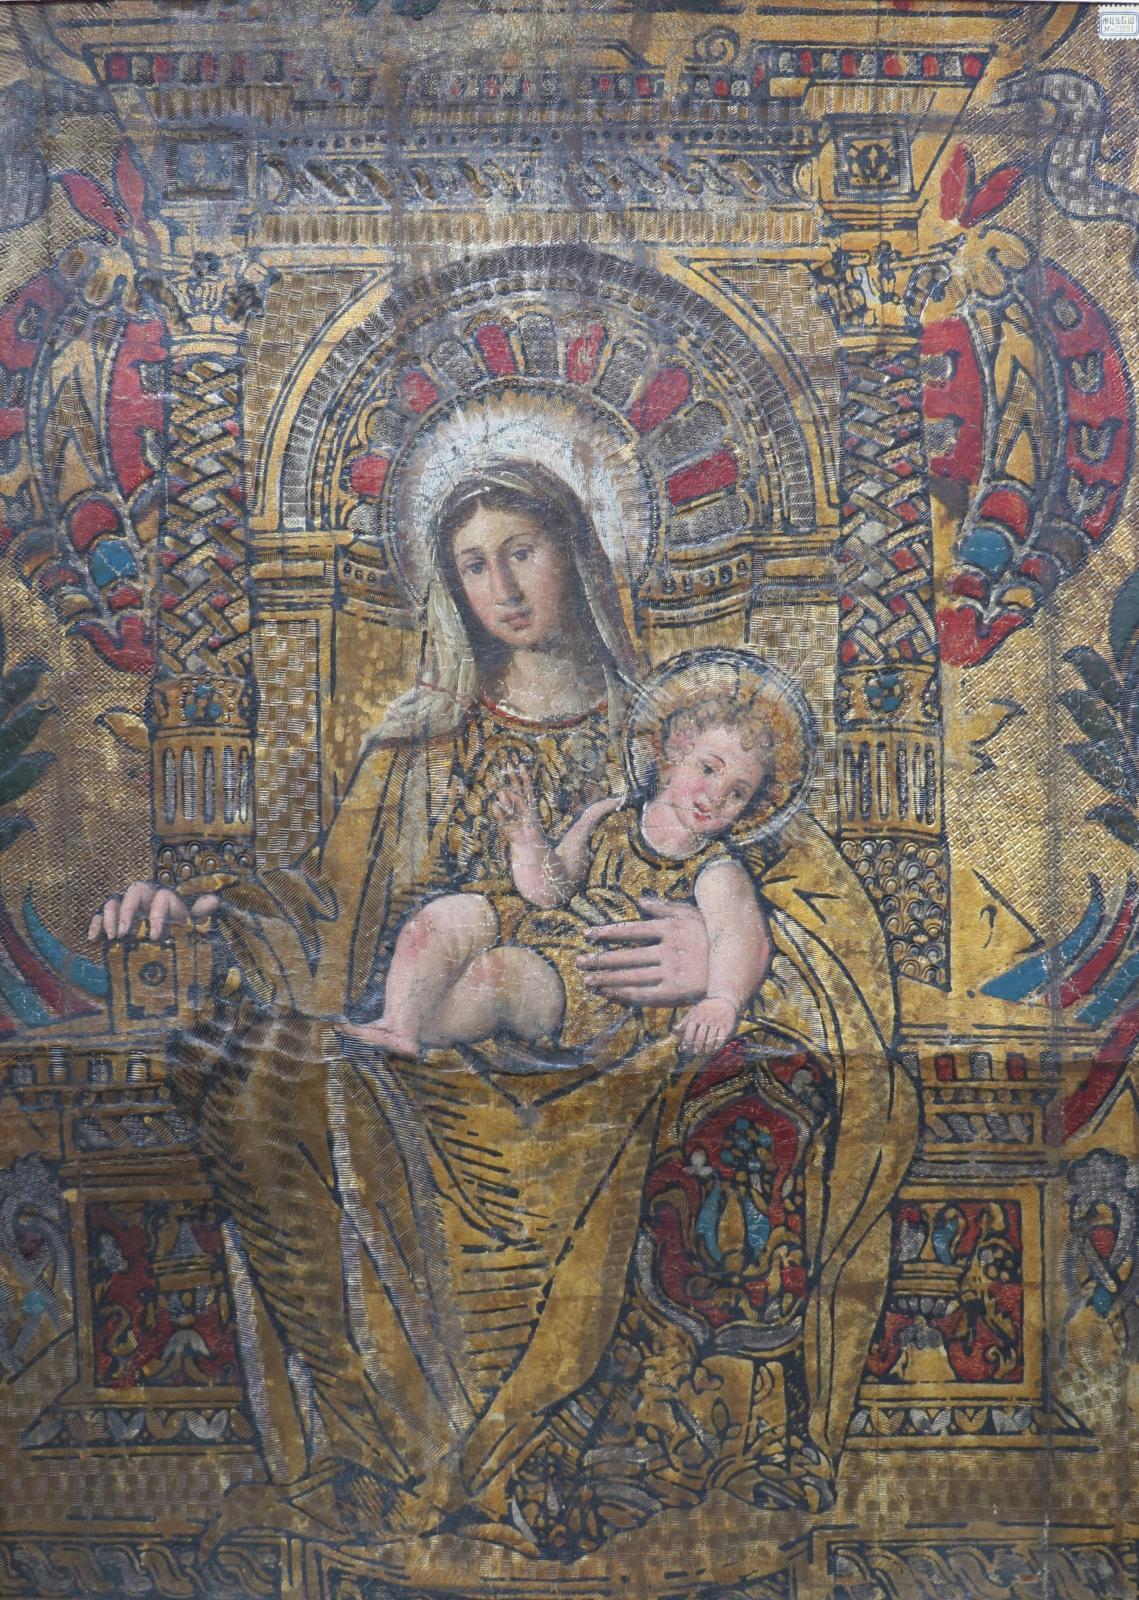 PAGE DE GAUCHE Vierge à l'Enfant, carreau de cuir doré platet ciselé, environ. Italie, XVIesiècle, 65x46cm, Saint-Pétersbourg, musée d